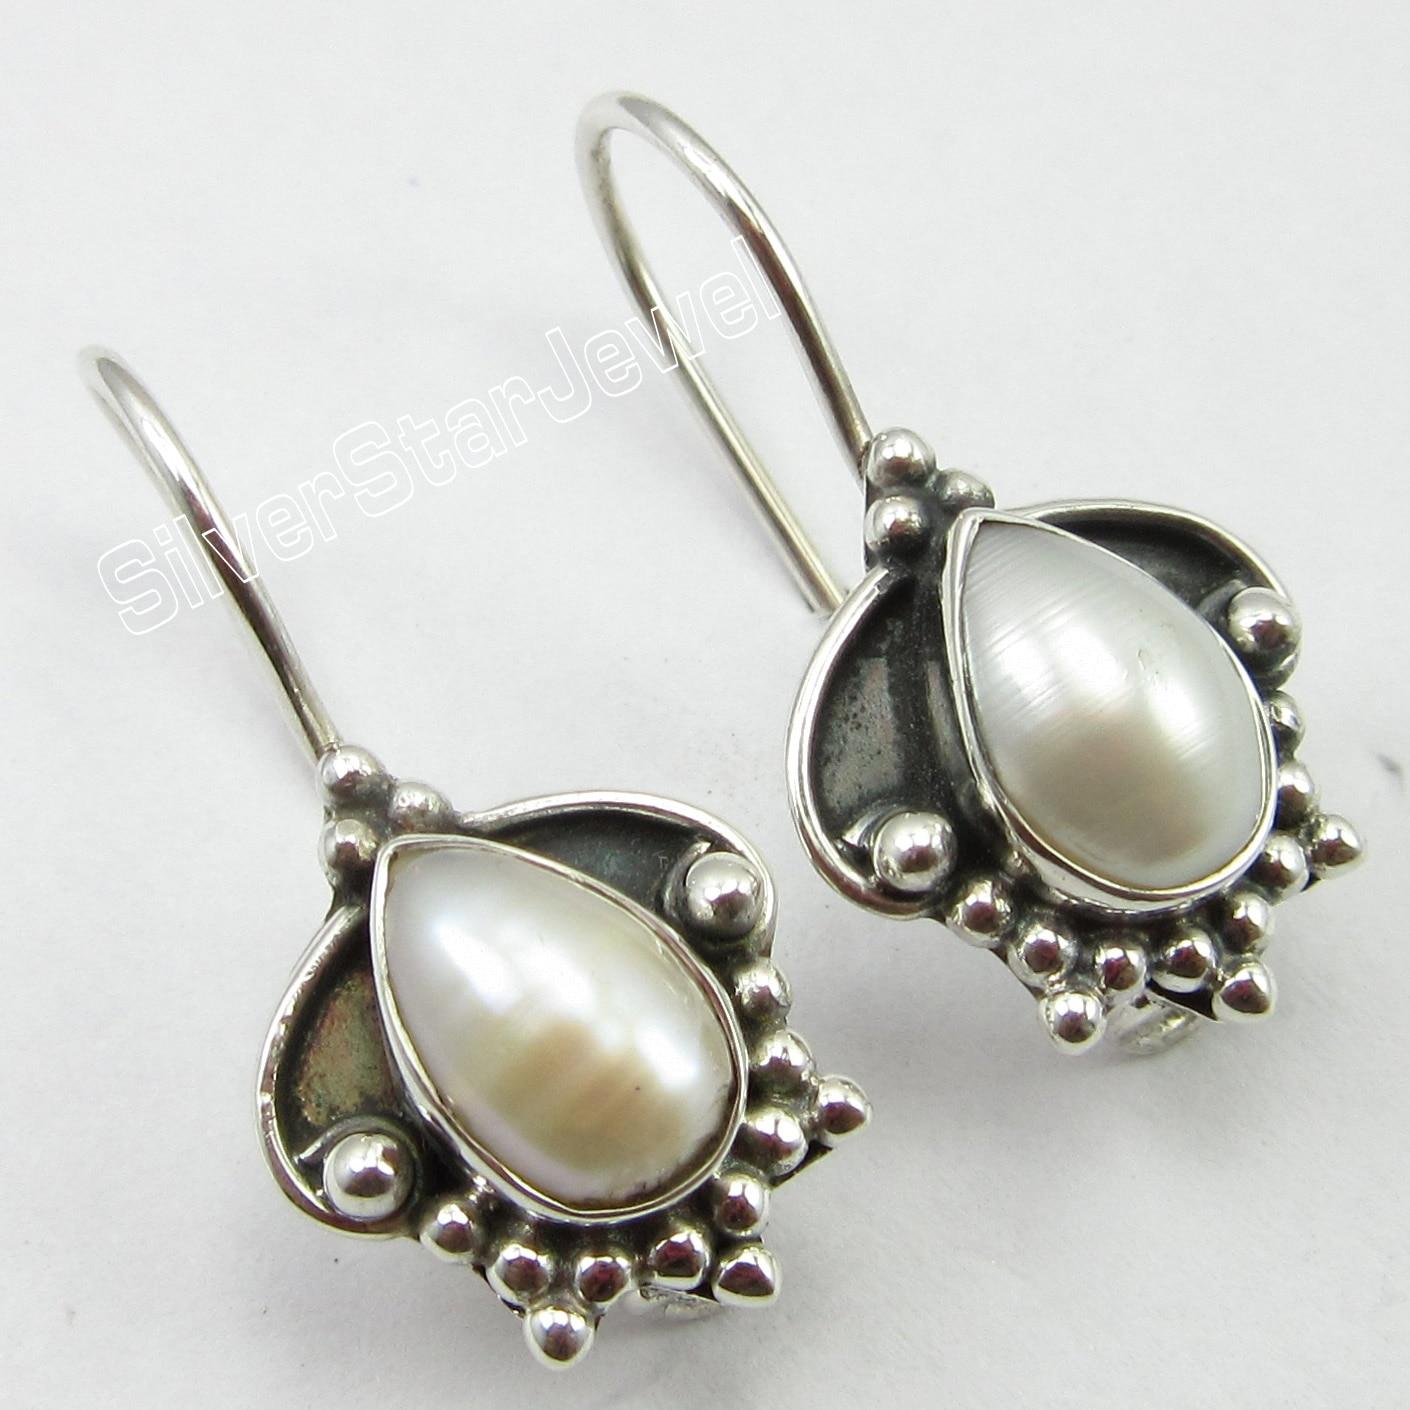 Chanti International AAA WHITE SEA PEARL Jewellery, Silver OXIDIZED ART Earrings 2.5 CM